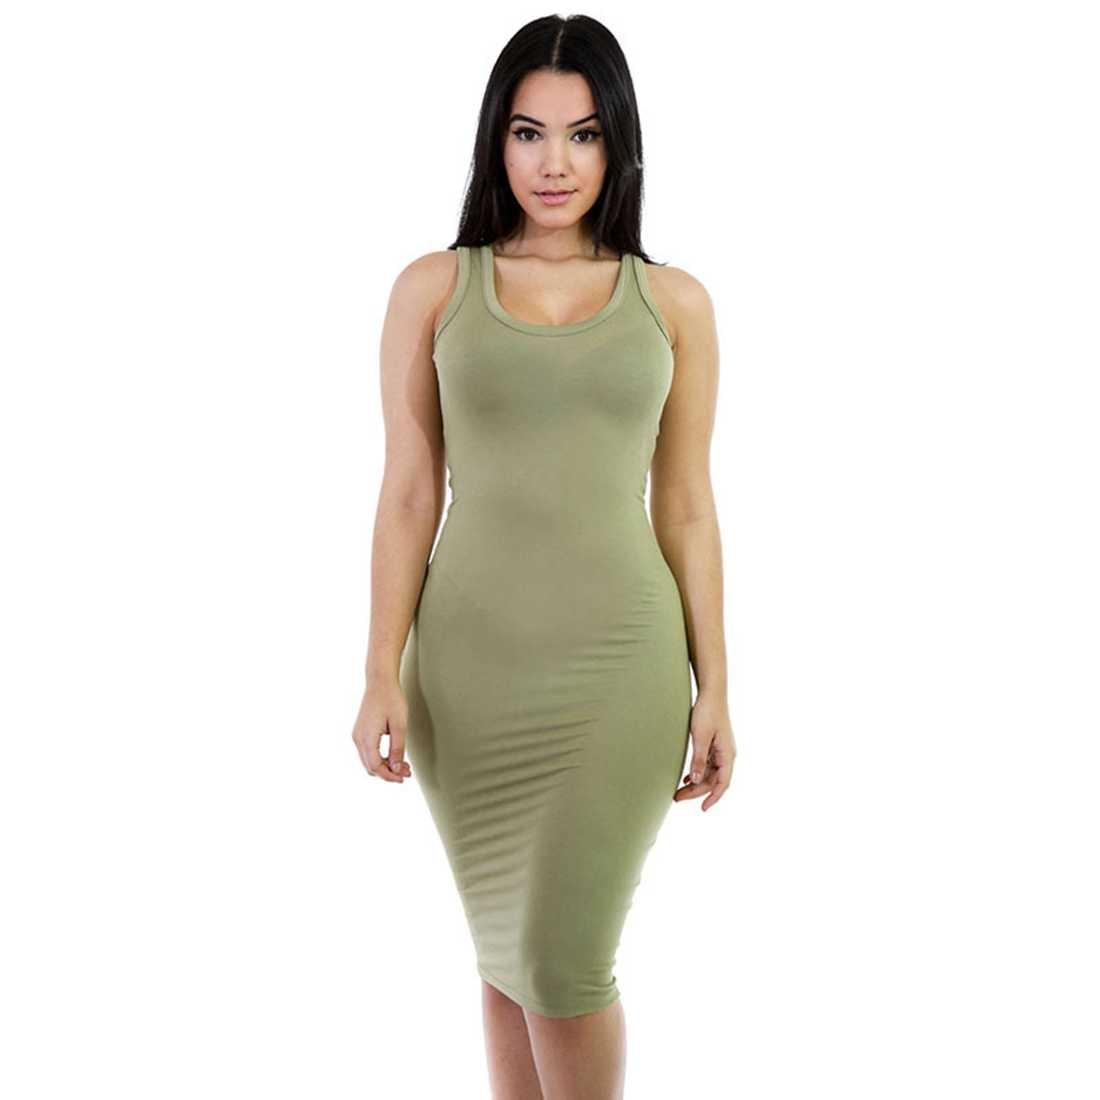 Tank top summer dress